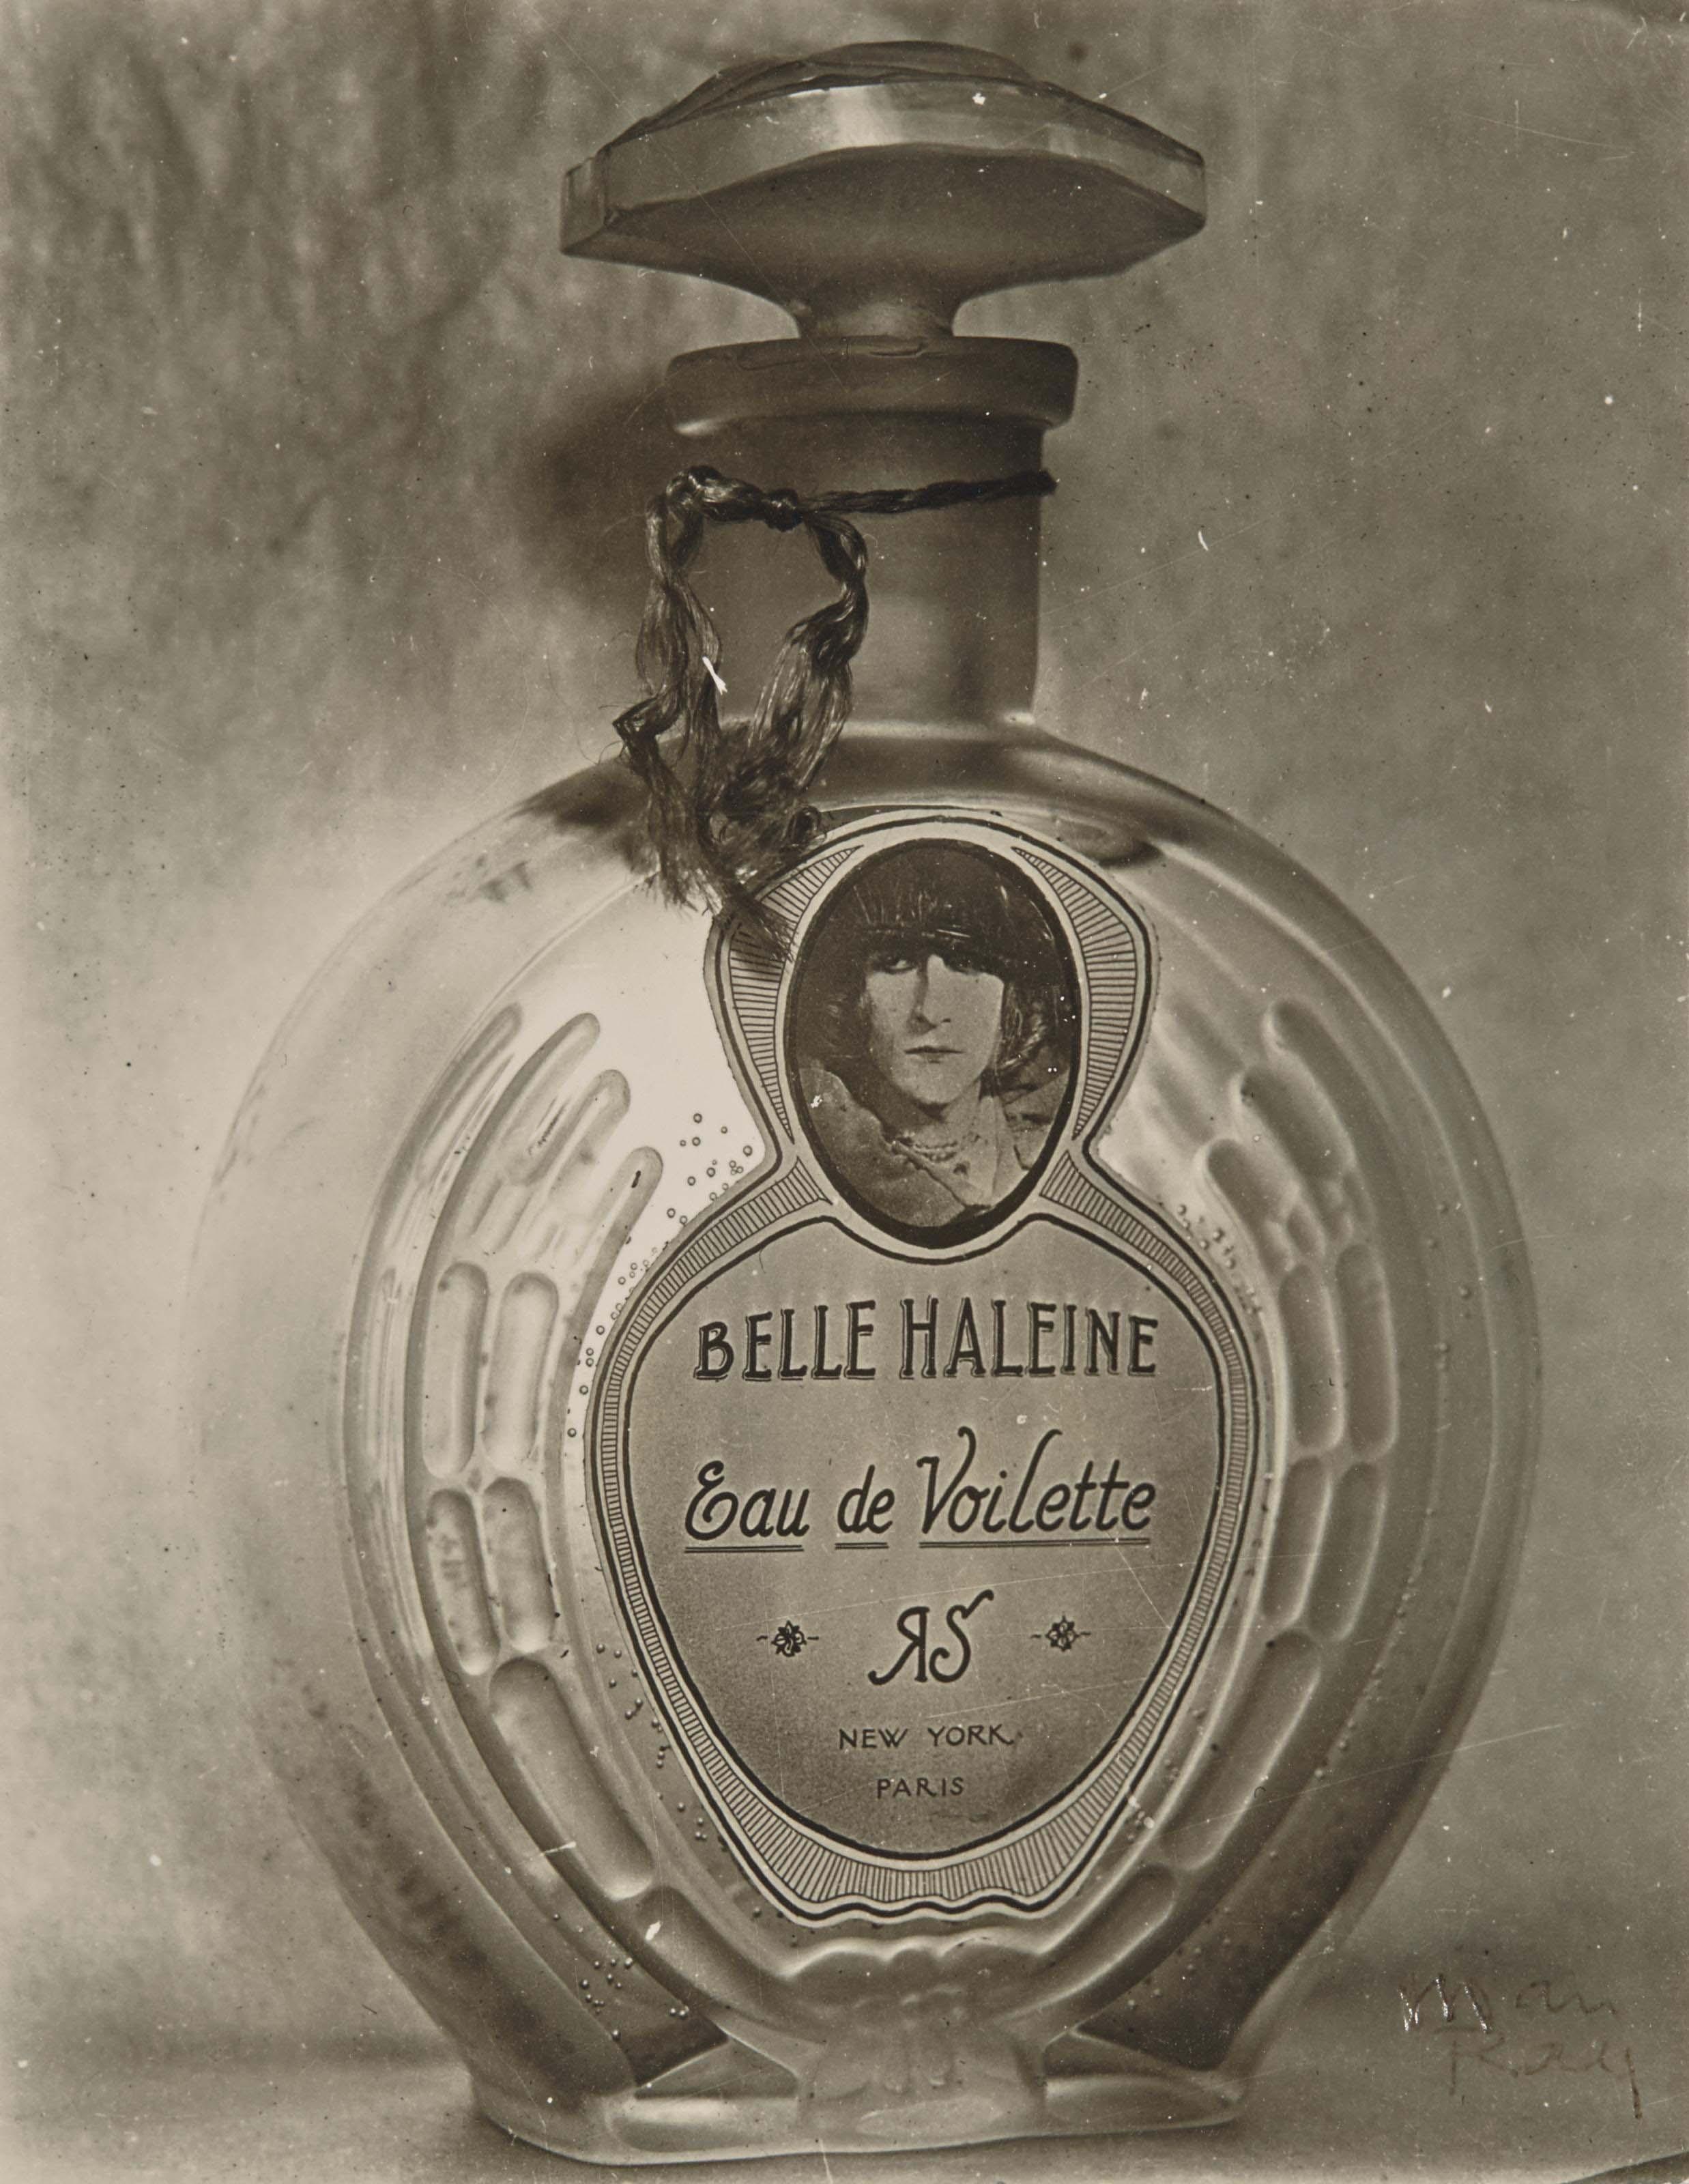 Belle Haleine, Eau de Voilette, 1920